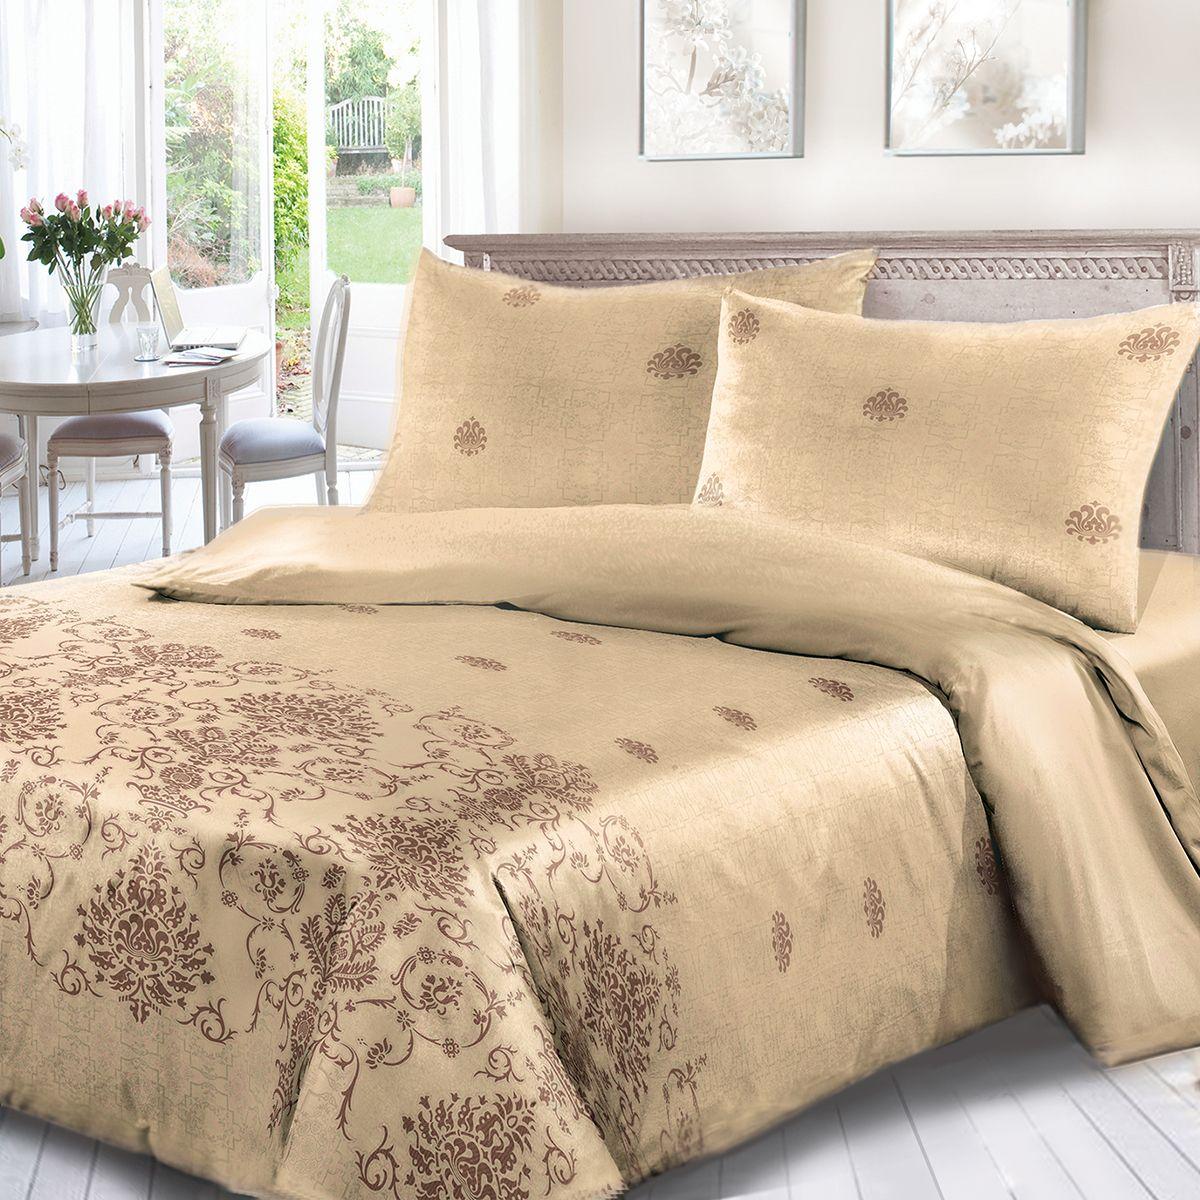 Комплект белья Сорренто Шамбала, 2-х спальное, наволочки 70x70, цвет: коричневый. 4021-180270